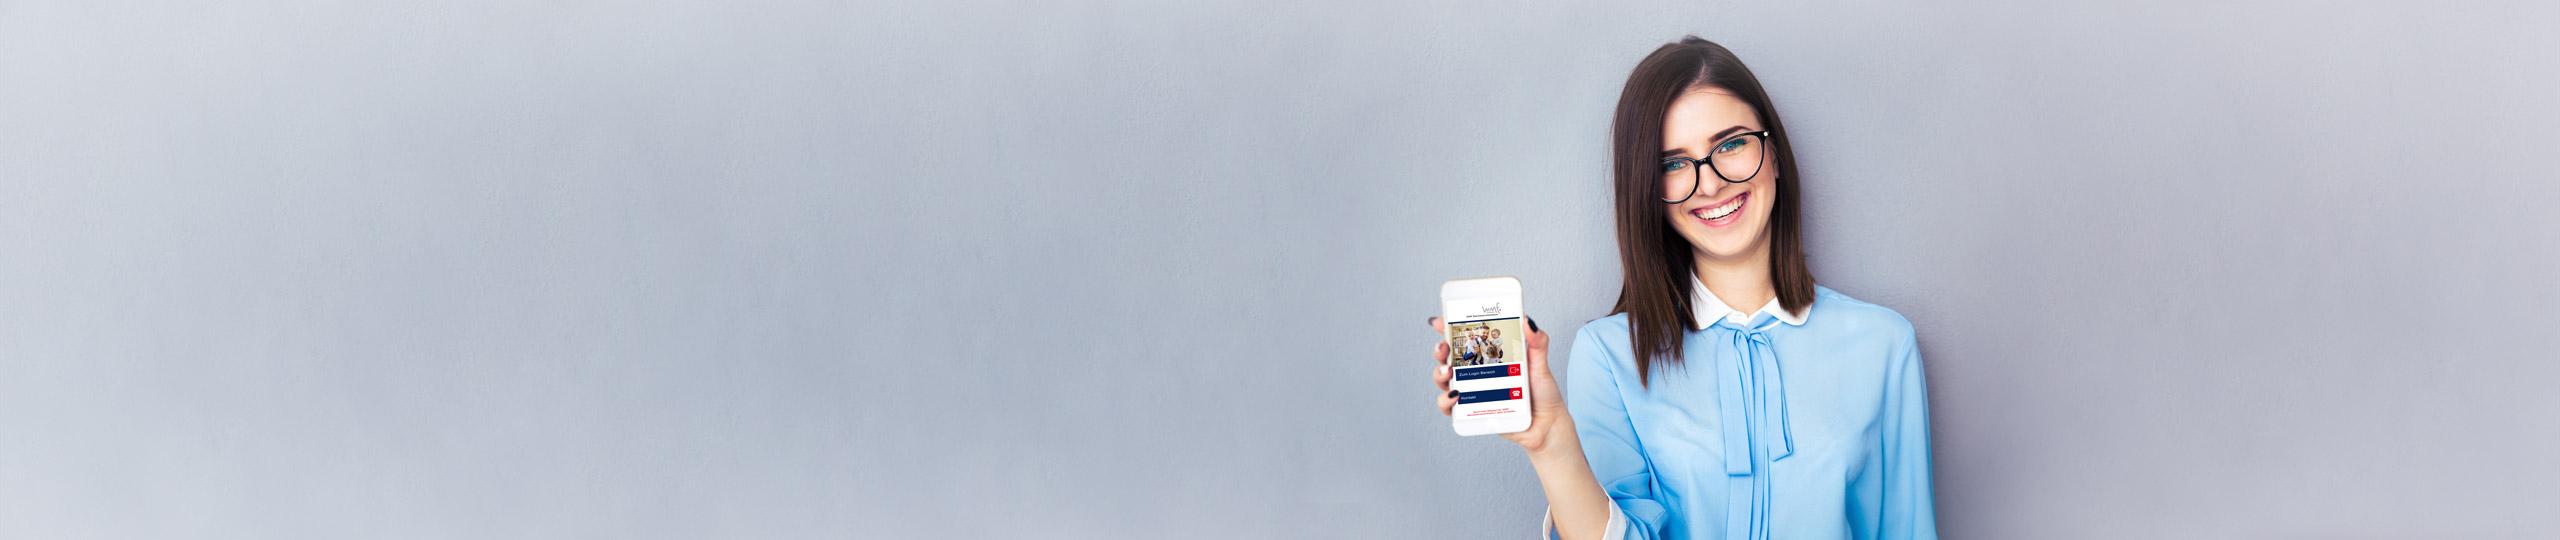 Frau mit Brille hält Smartphone in die Kamera